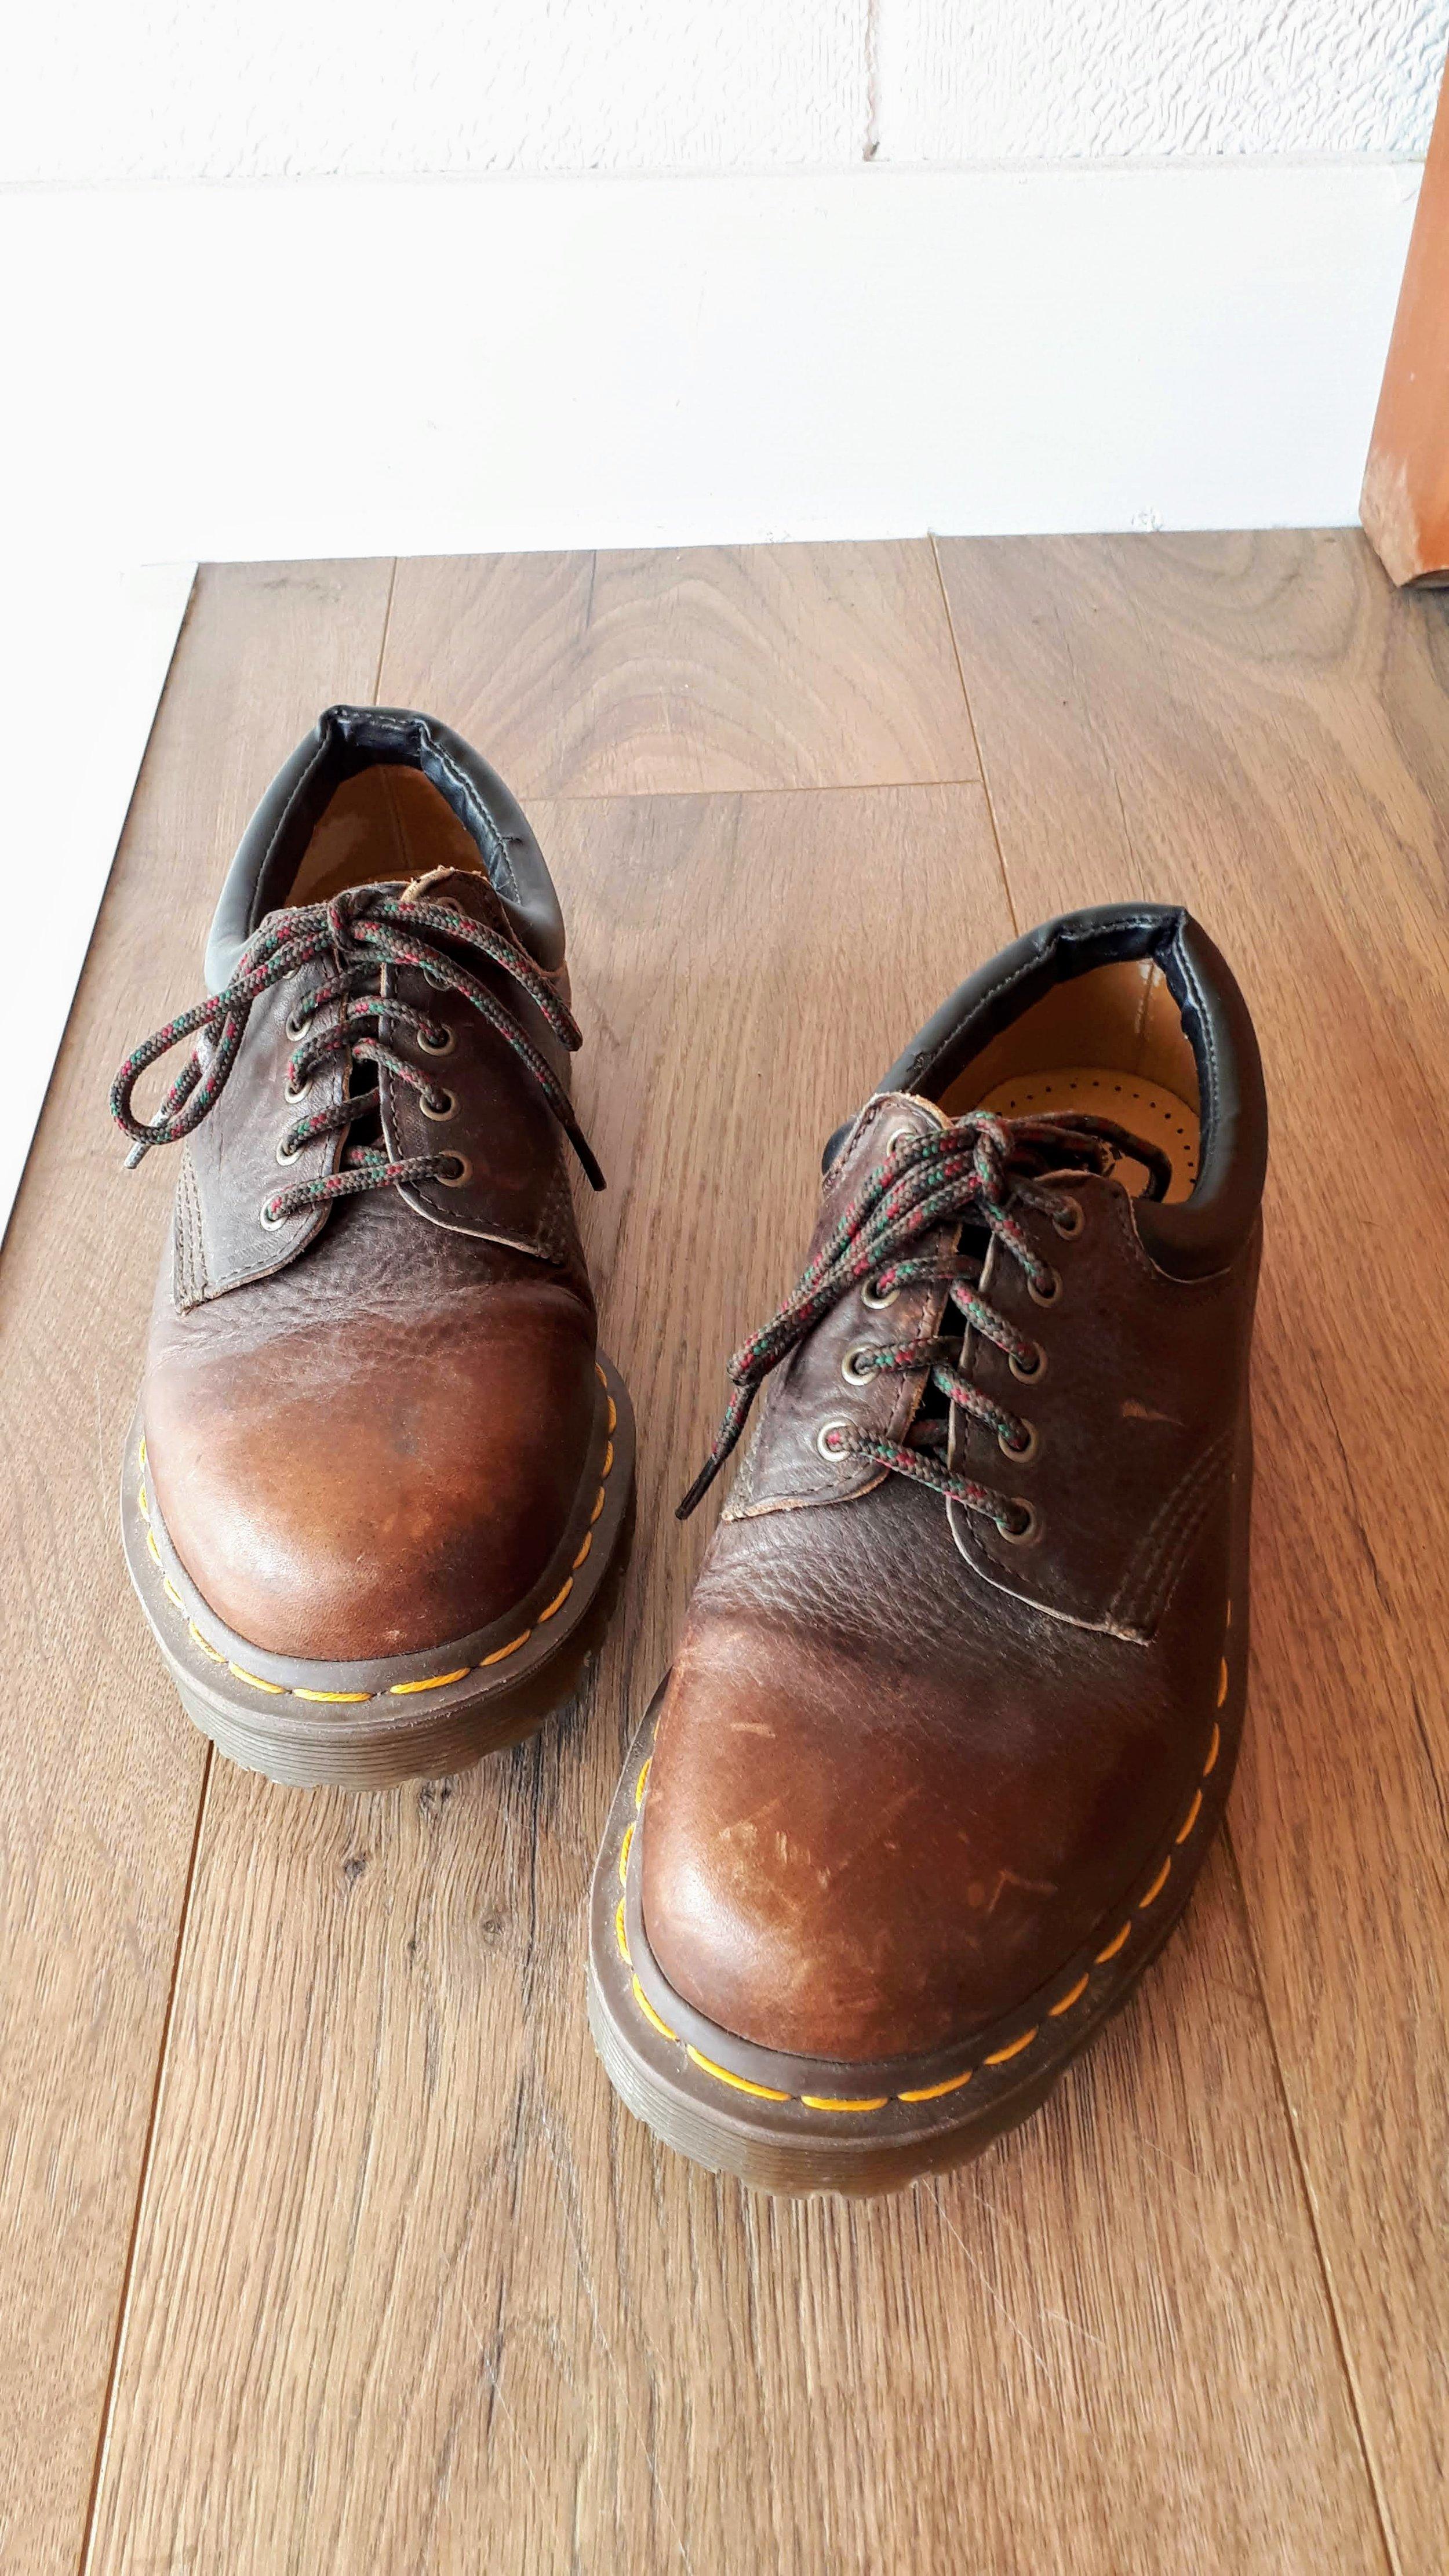 Doc Marten shoes; Size women's 8, men's 6; $65